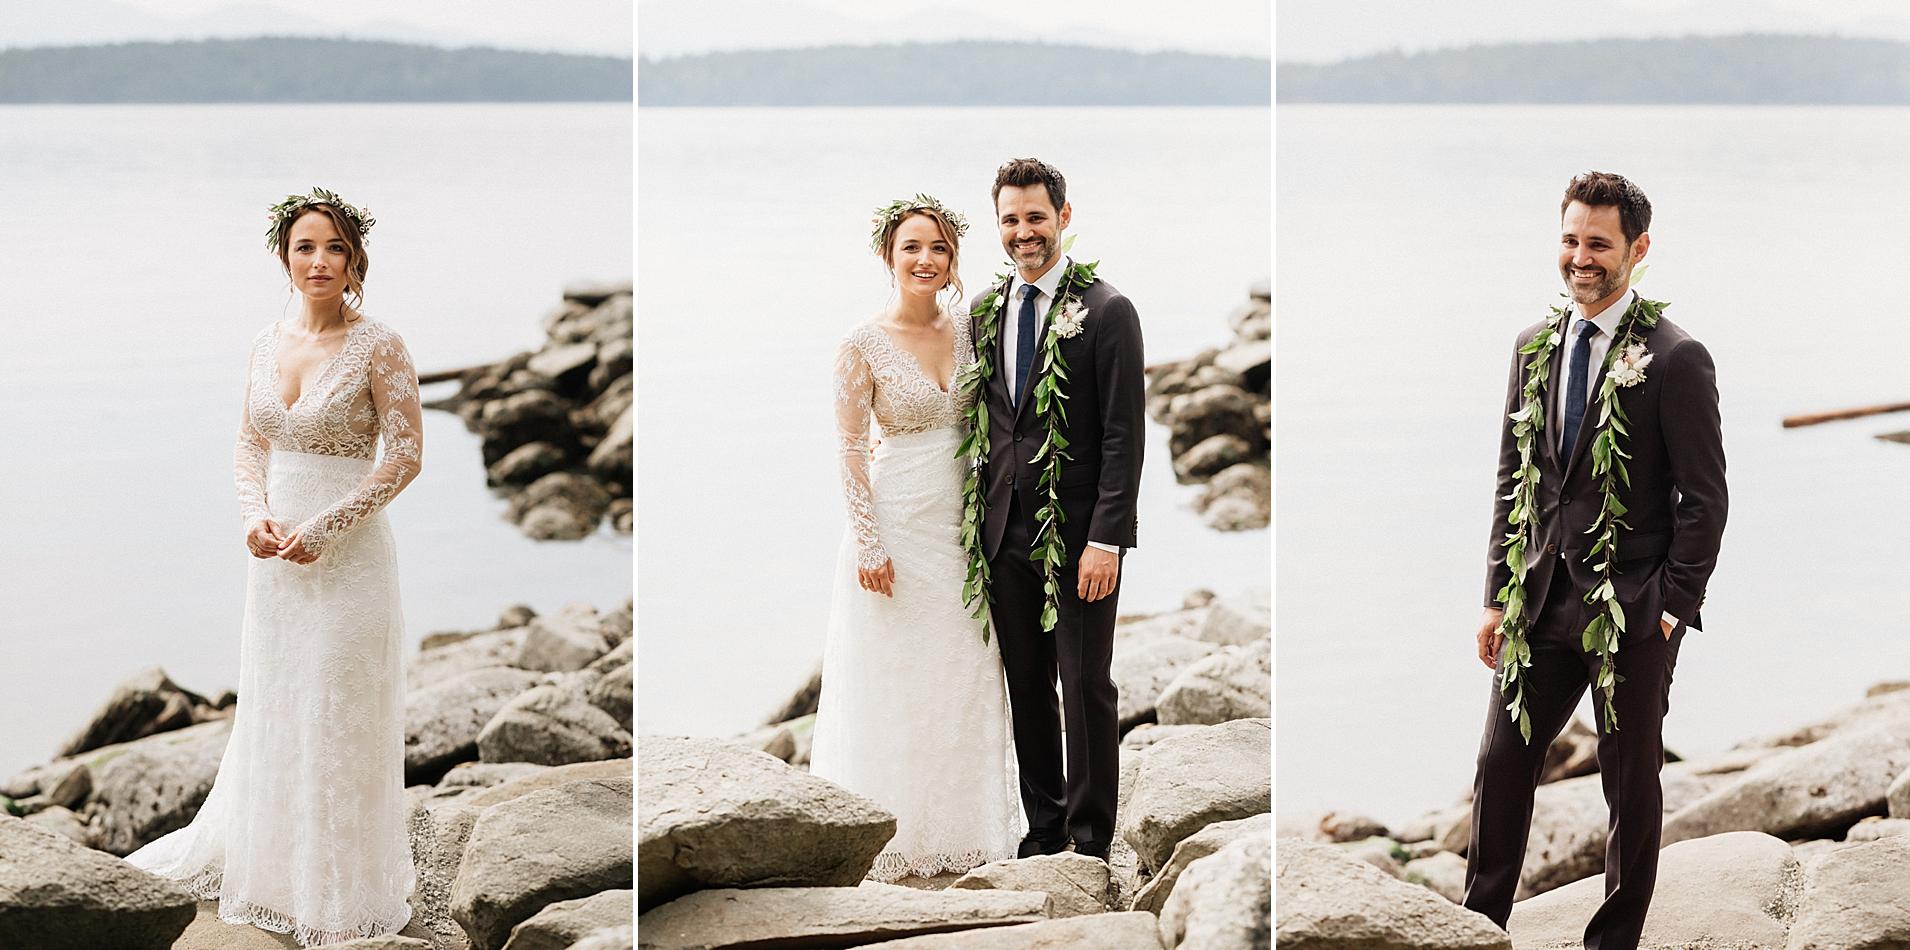 newly weds on beach bodega ridge.jpg